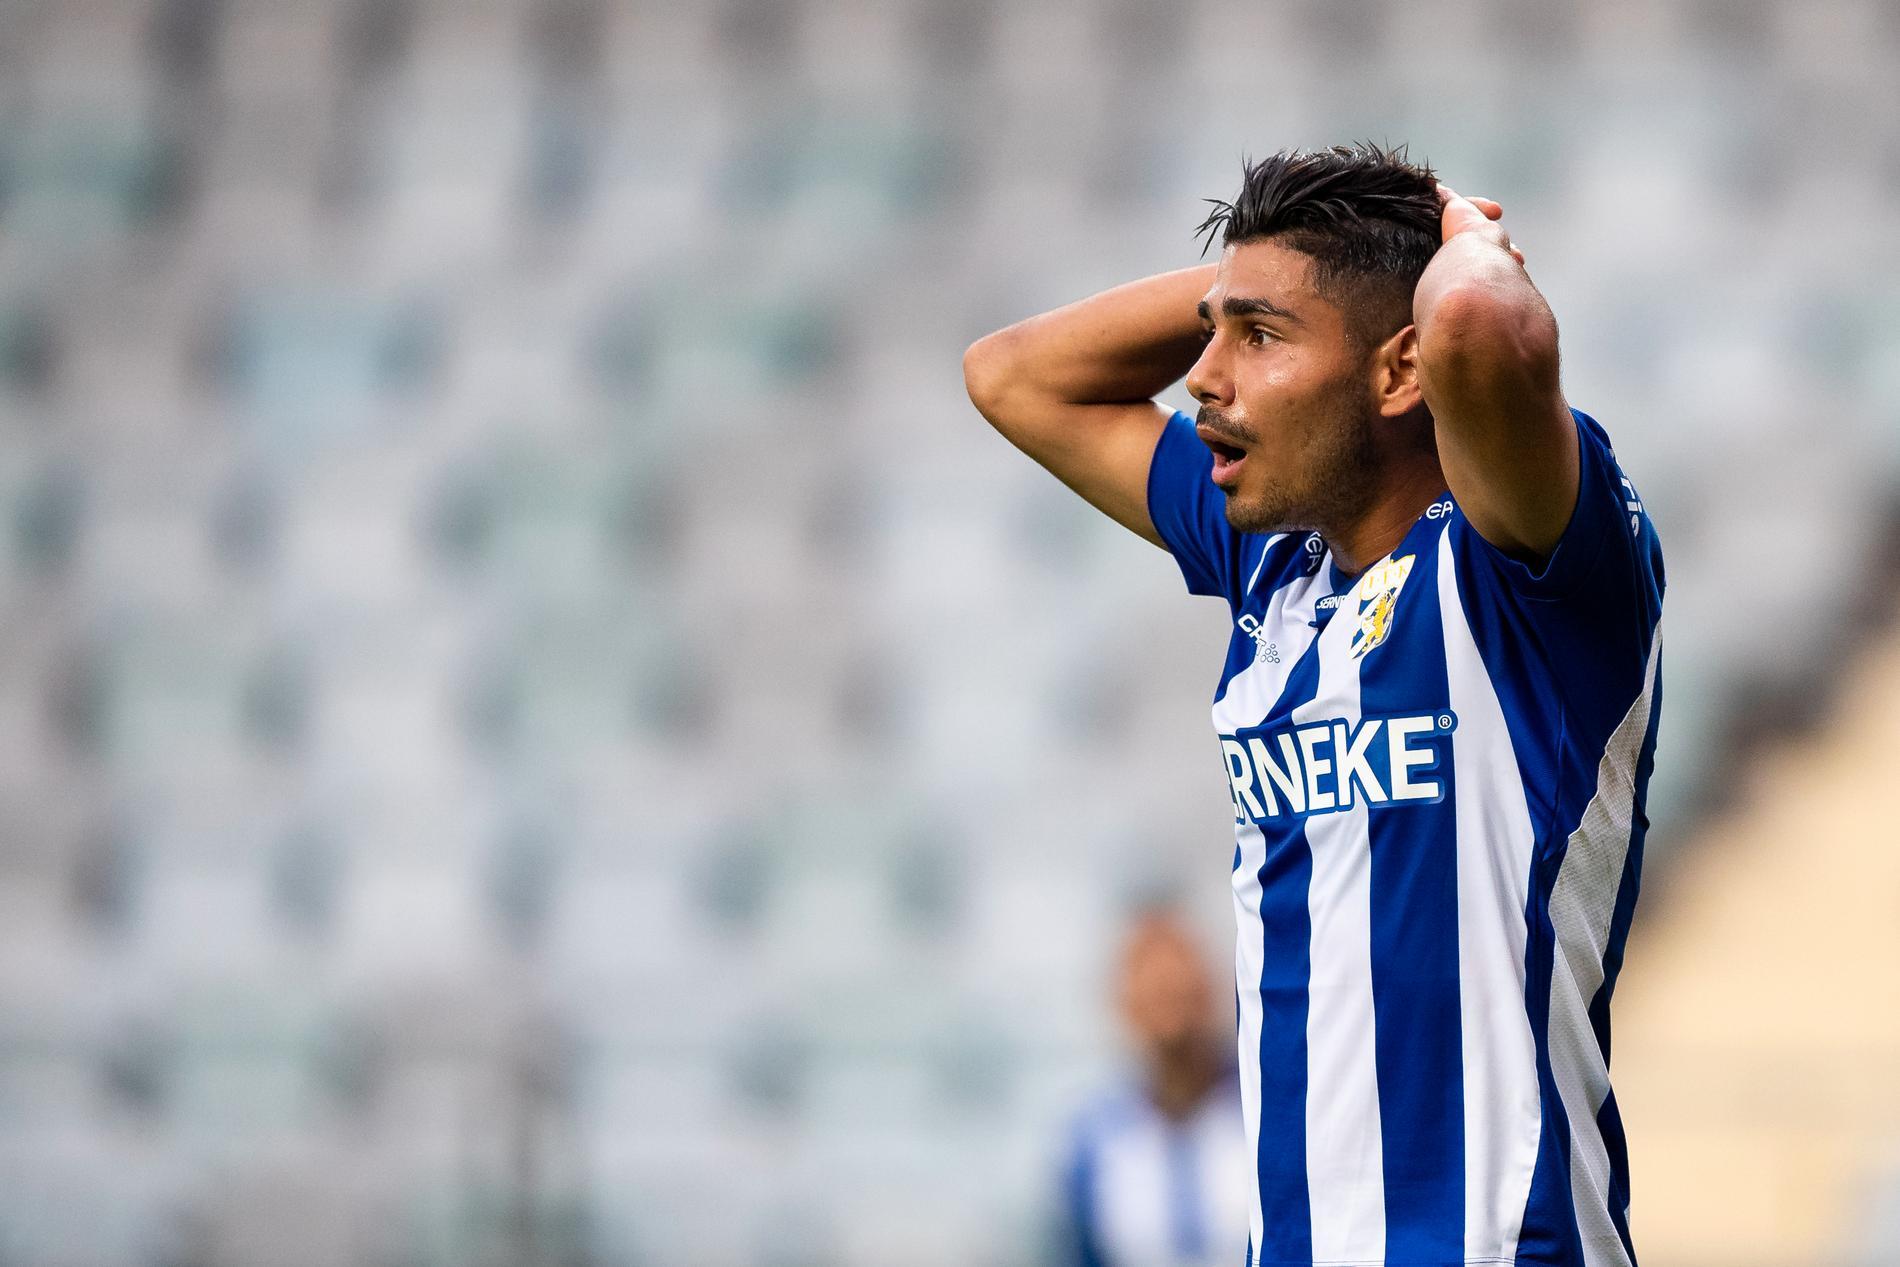 Hosam Aiesh är snabbast i allsvenskan – men för tillfället bänkad i verklighetens IFK Göteborg ...